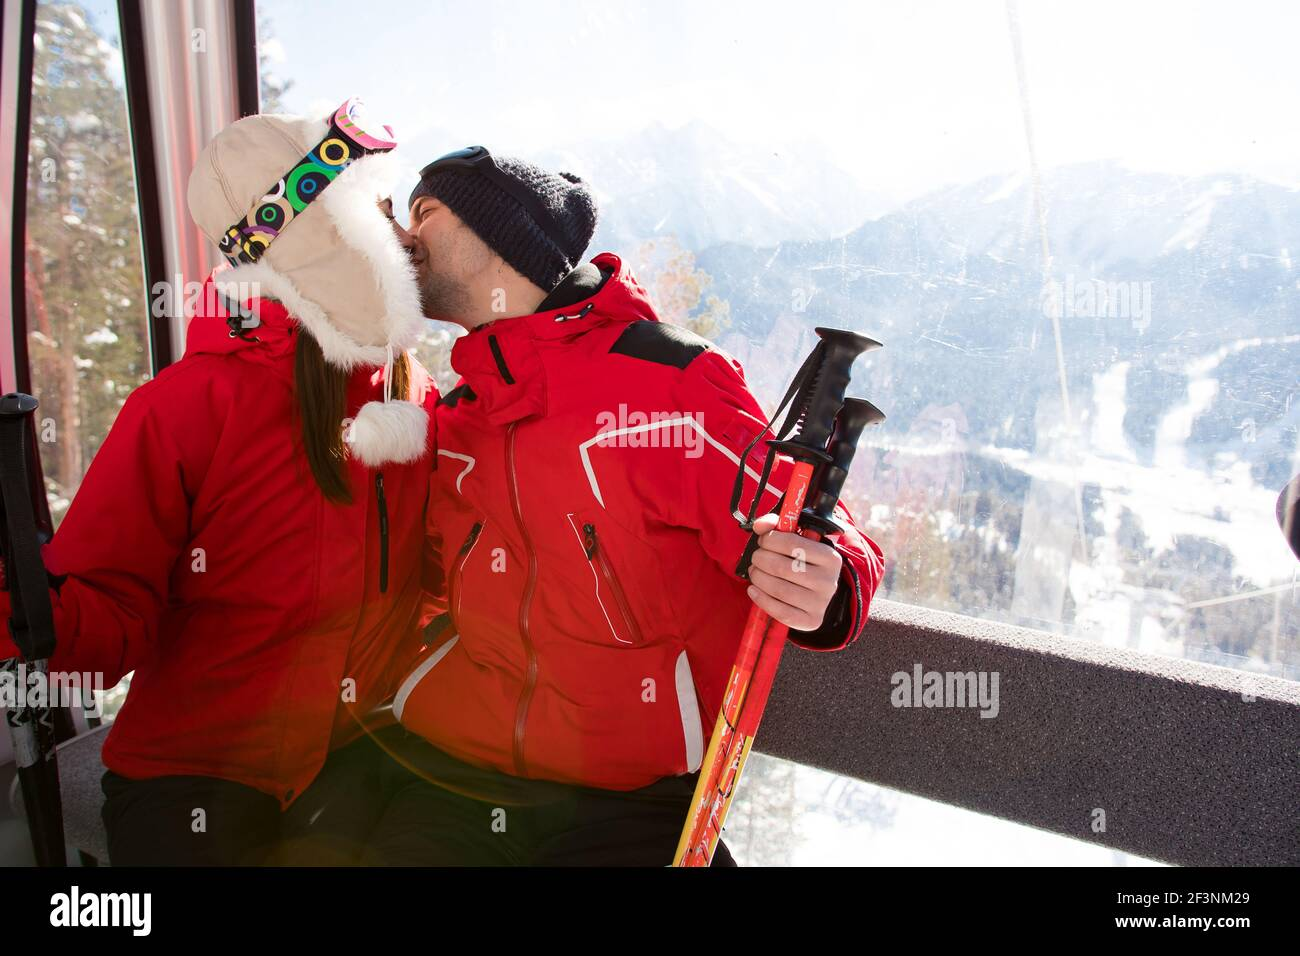 des amis joyeux sur les remontées mécaniques de ski monter sur la montagne enneigée Banque D'Images